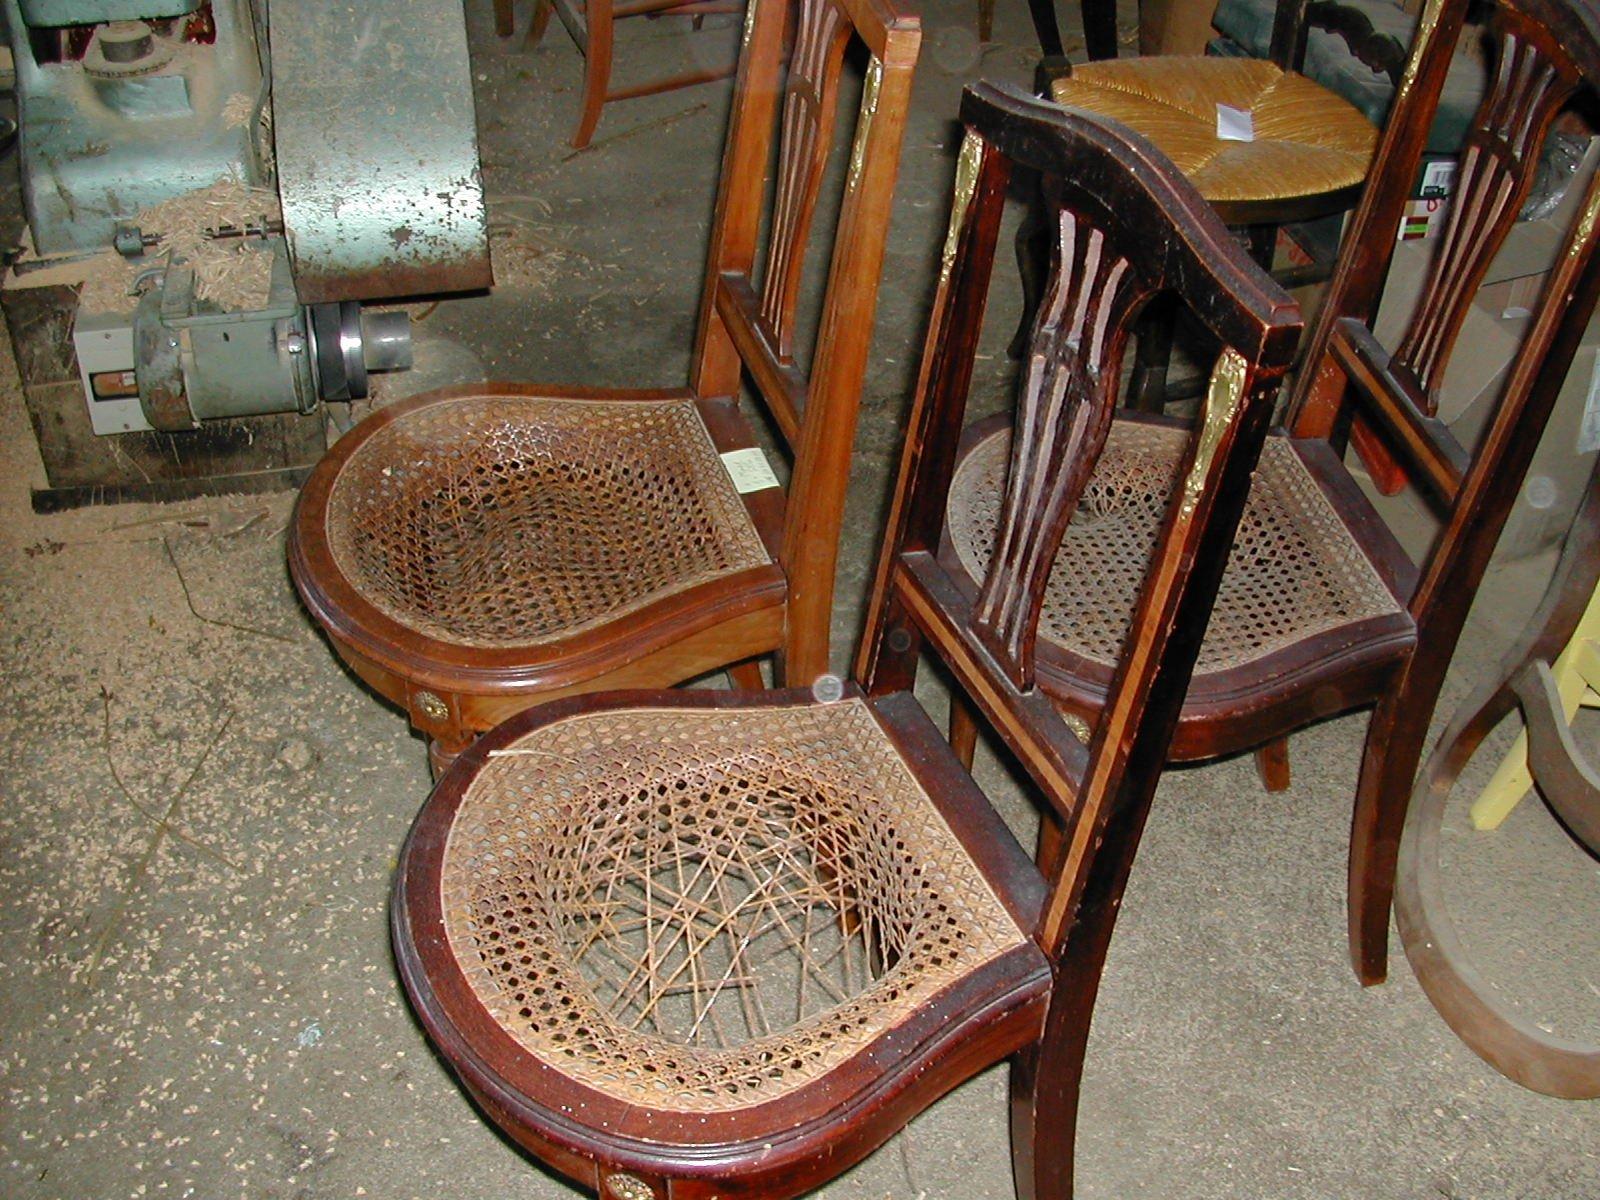 Comment fabriquer une chaise en bois traditionnelle 4 for Fabriquer une chaise